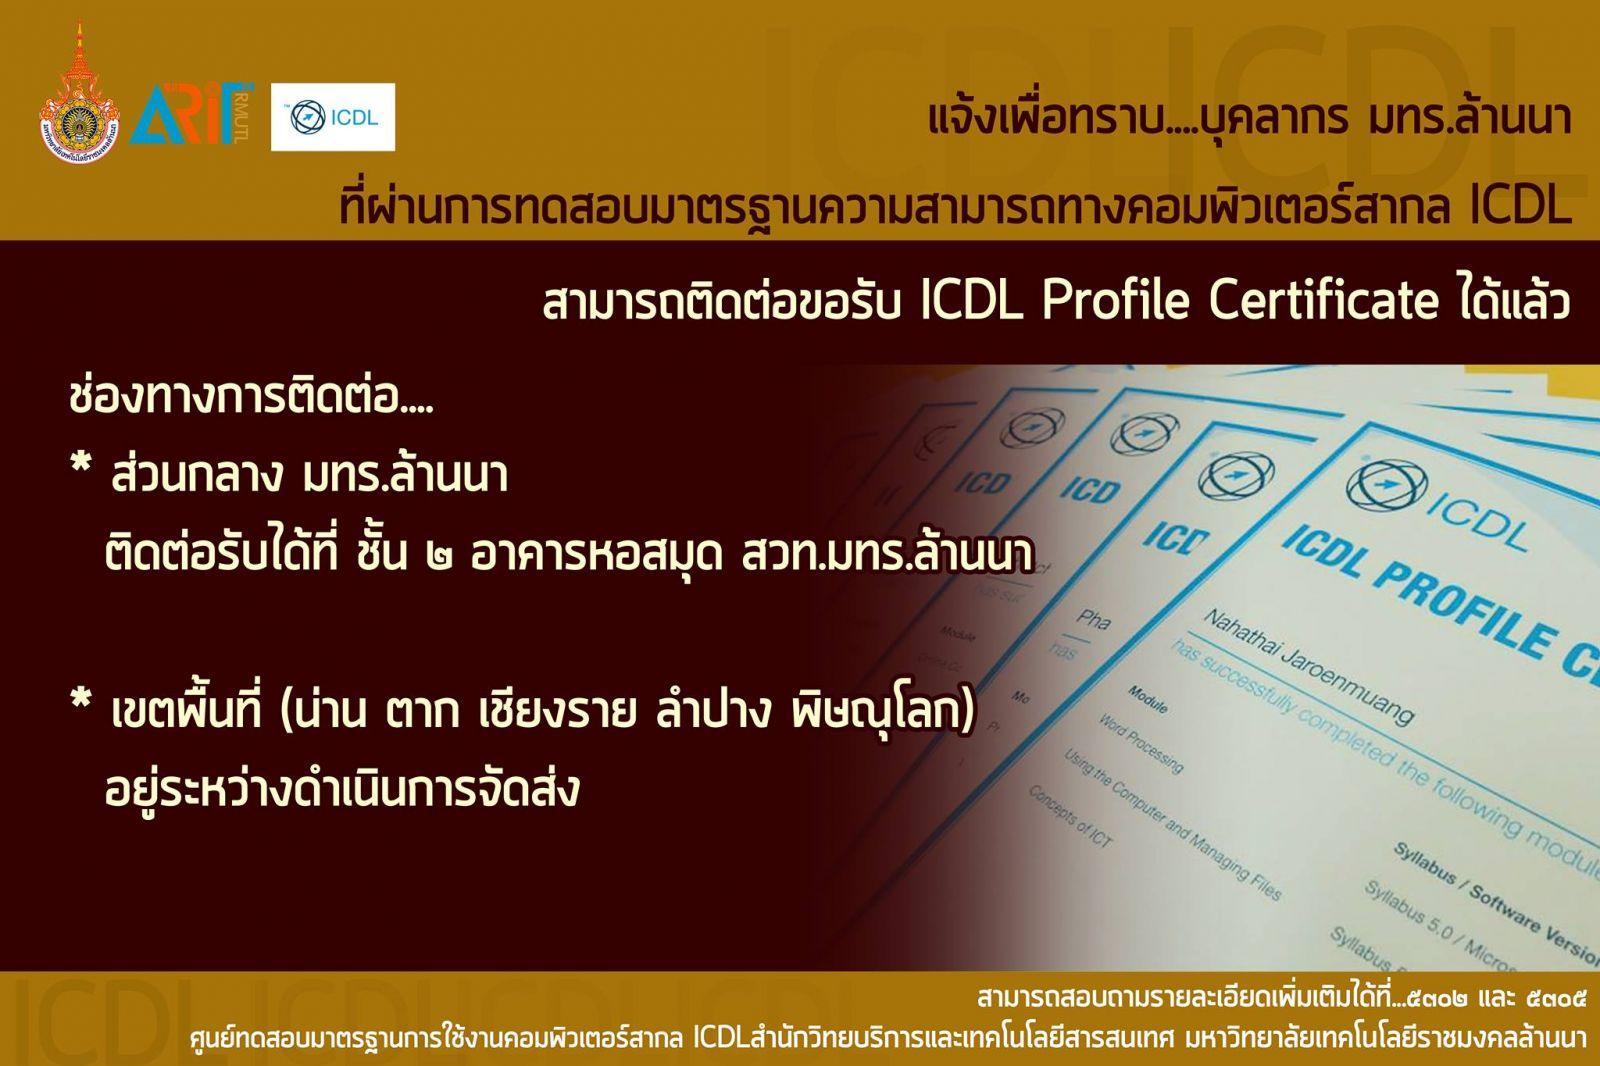 แจ้งเพื่อทราบ....บุคลากร มทร.ล้านนา ที่ผ่านการทดสอบมาตรฐานความสามารถทางคอมพิวเตอร์สากล ICDL